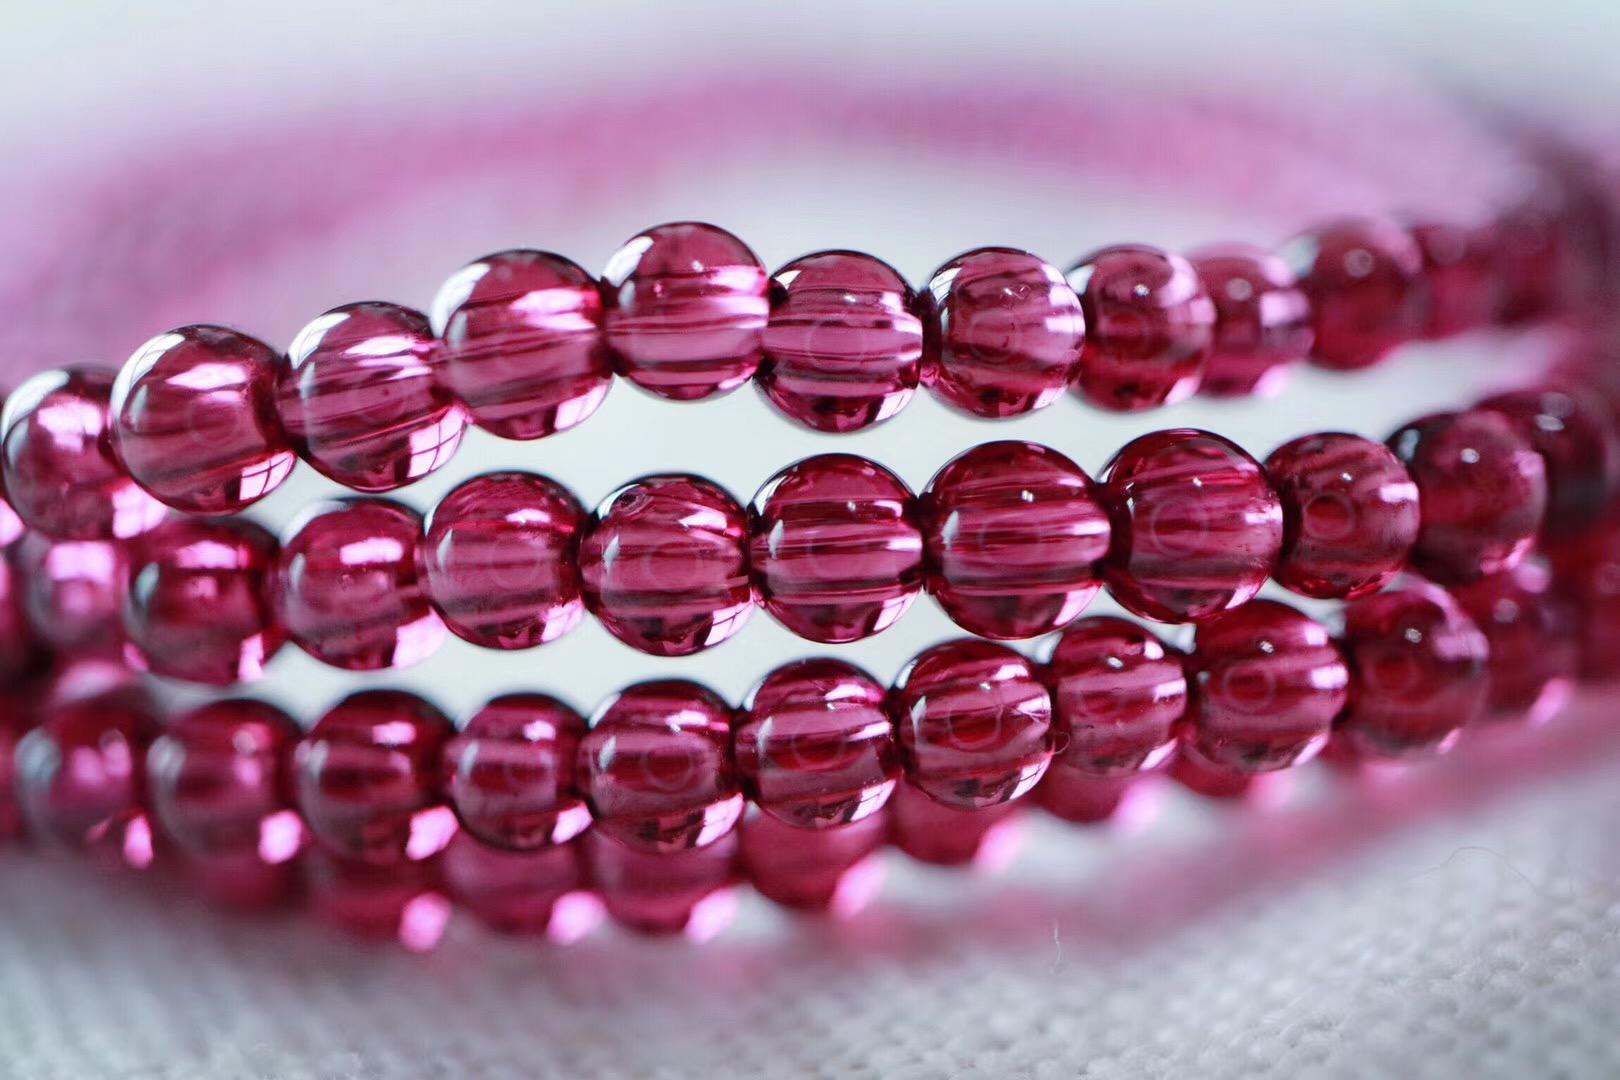 【菩心 | 玫红石榴石】有助于改善女性内分泌,美容养颜-菩心晶舍